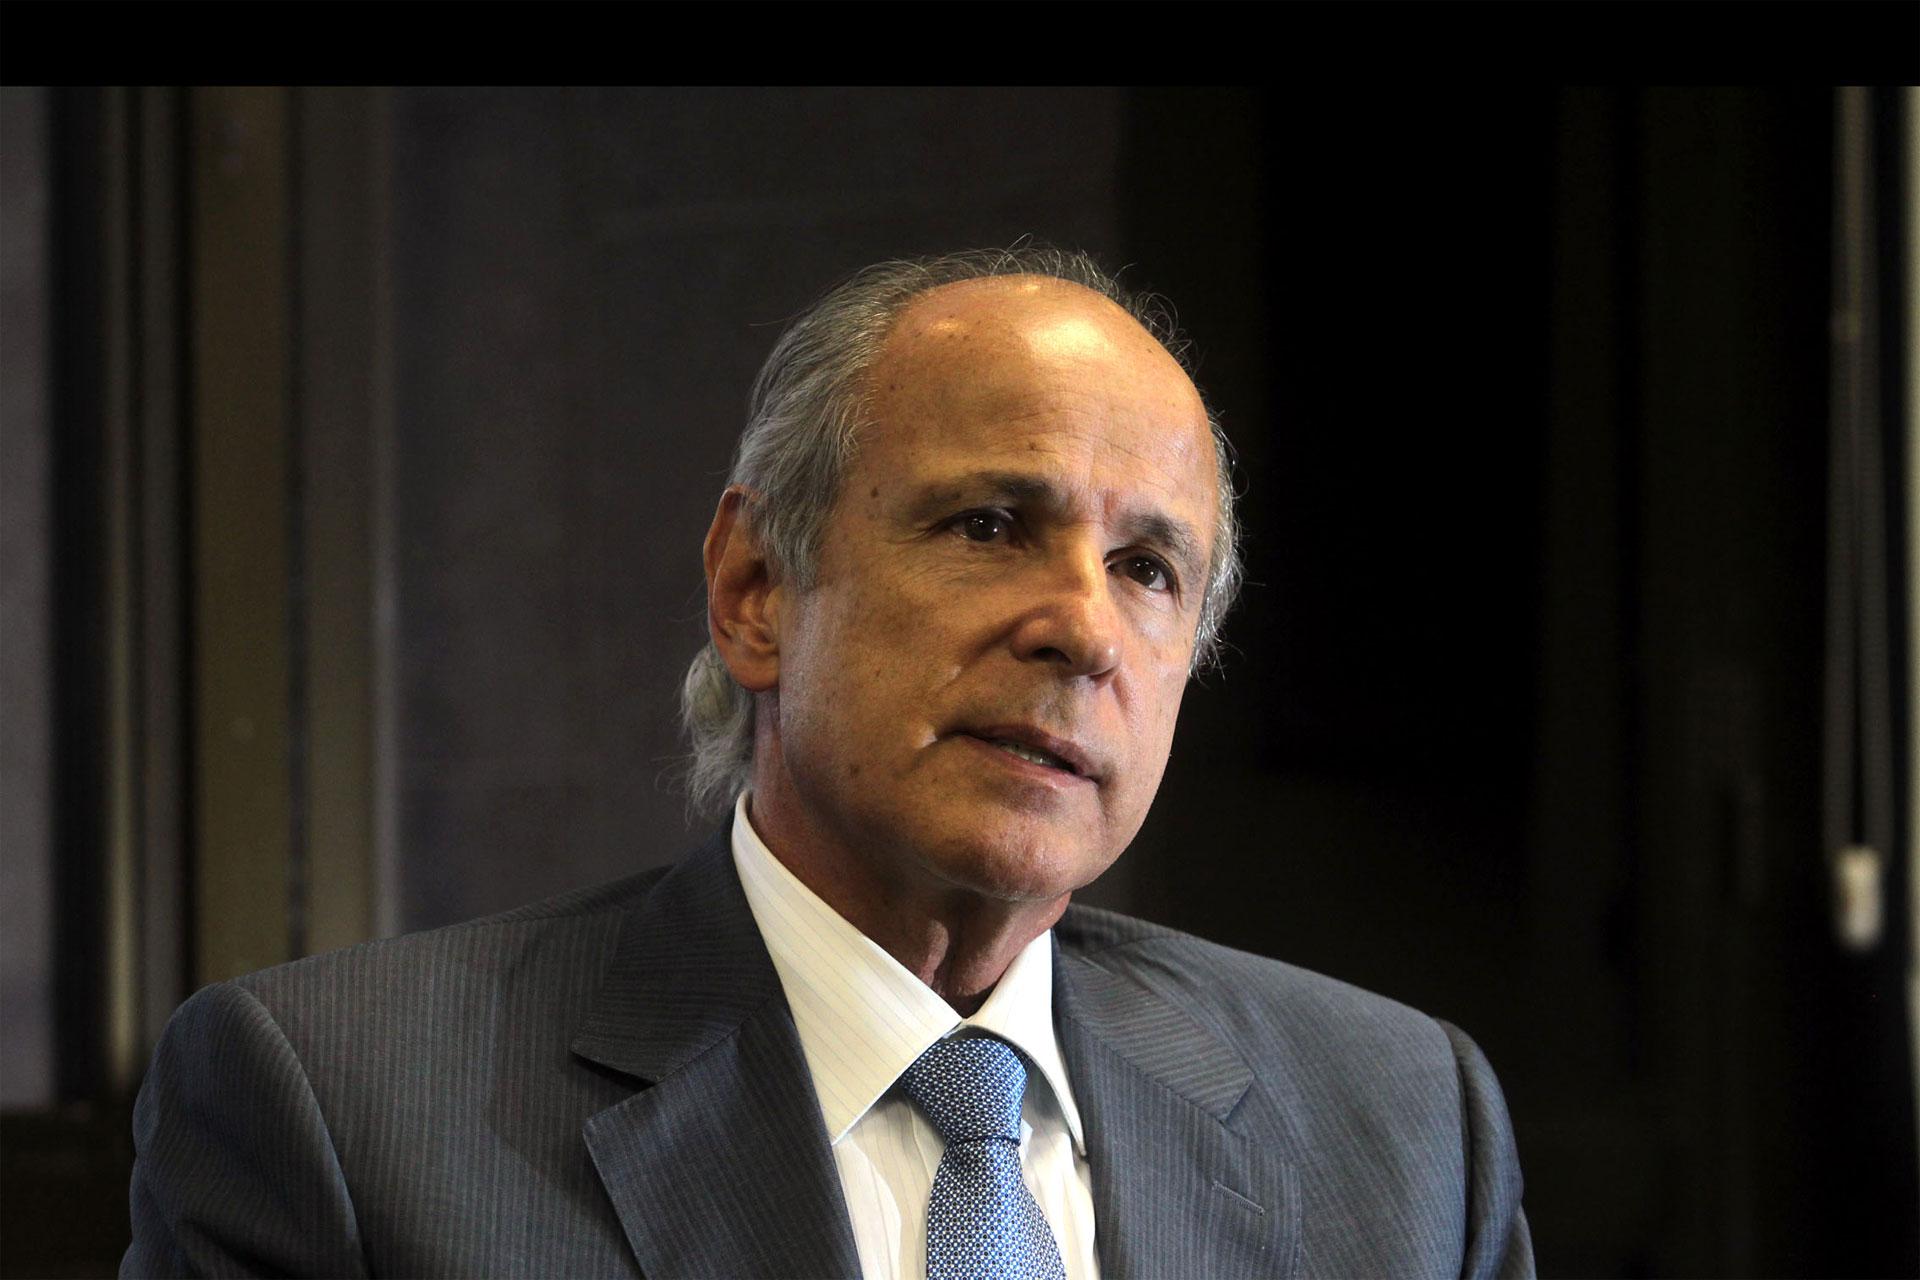 El presidente de una constructora famosa en Brasil hablará sobre sobornos en la estatal Petrobras